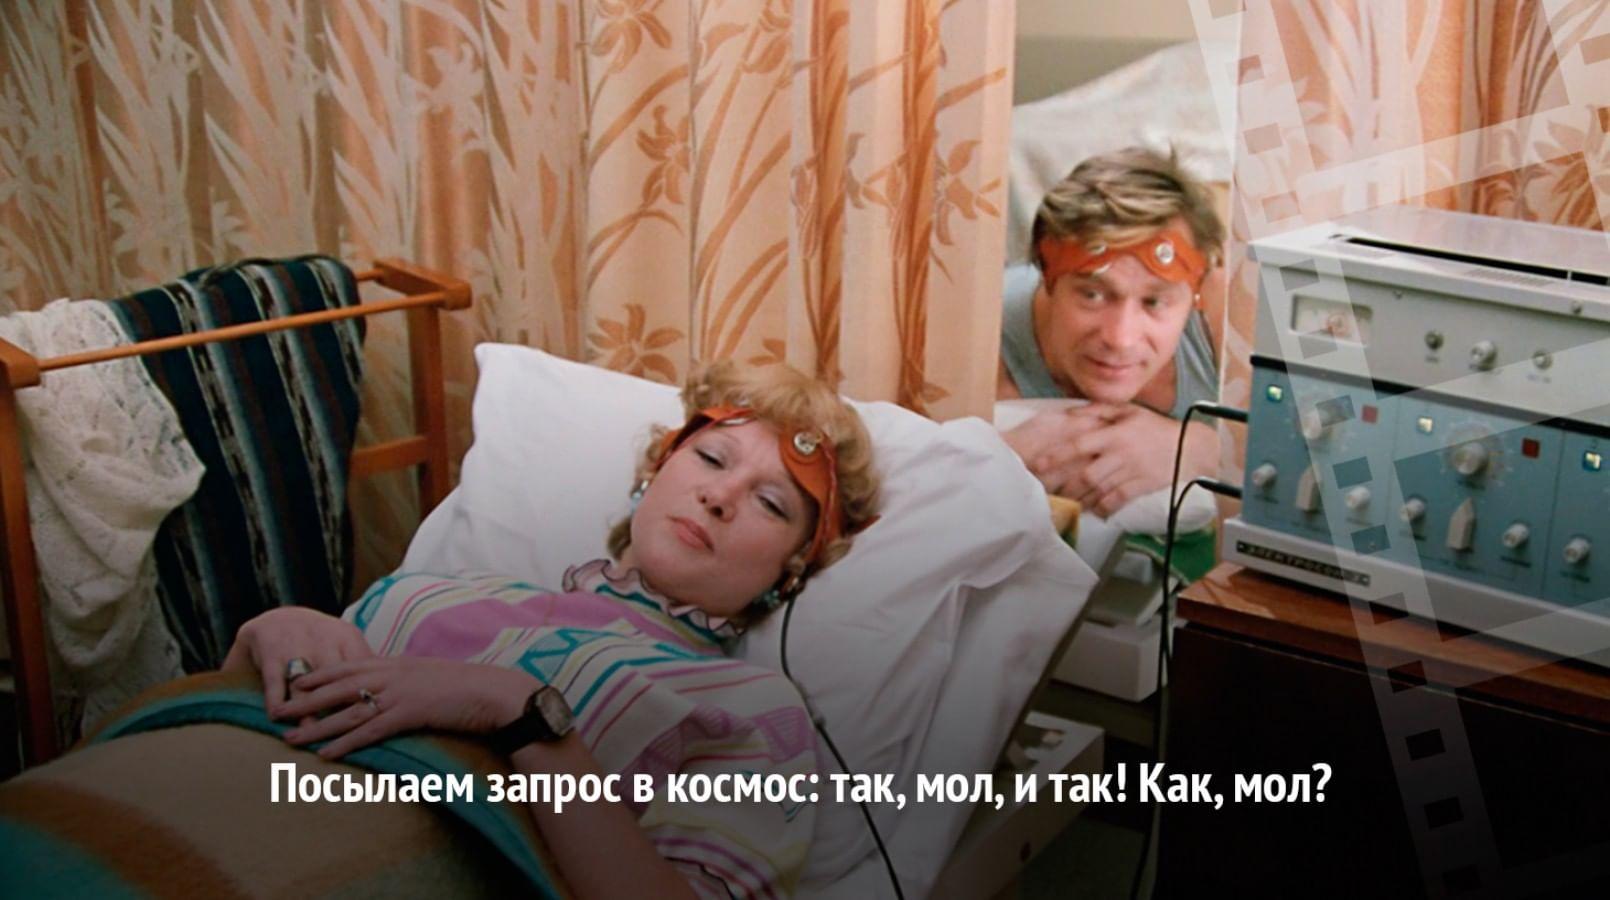 Сходить на сеанс массажа или лечебного сна, как героиня Людмилы Гурченко в фильме «Любовь и голуби».